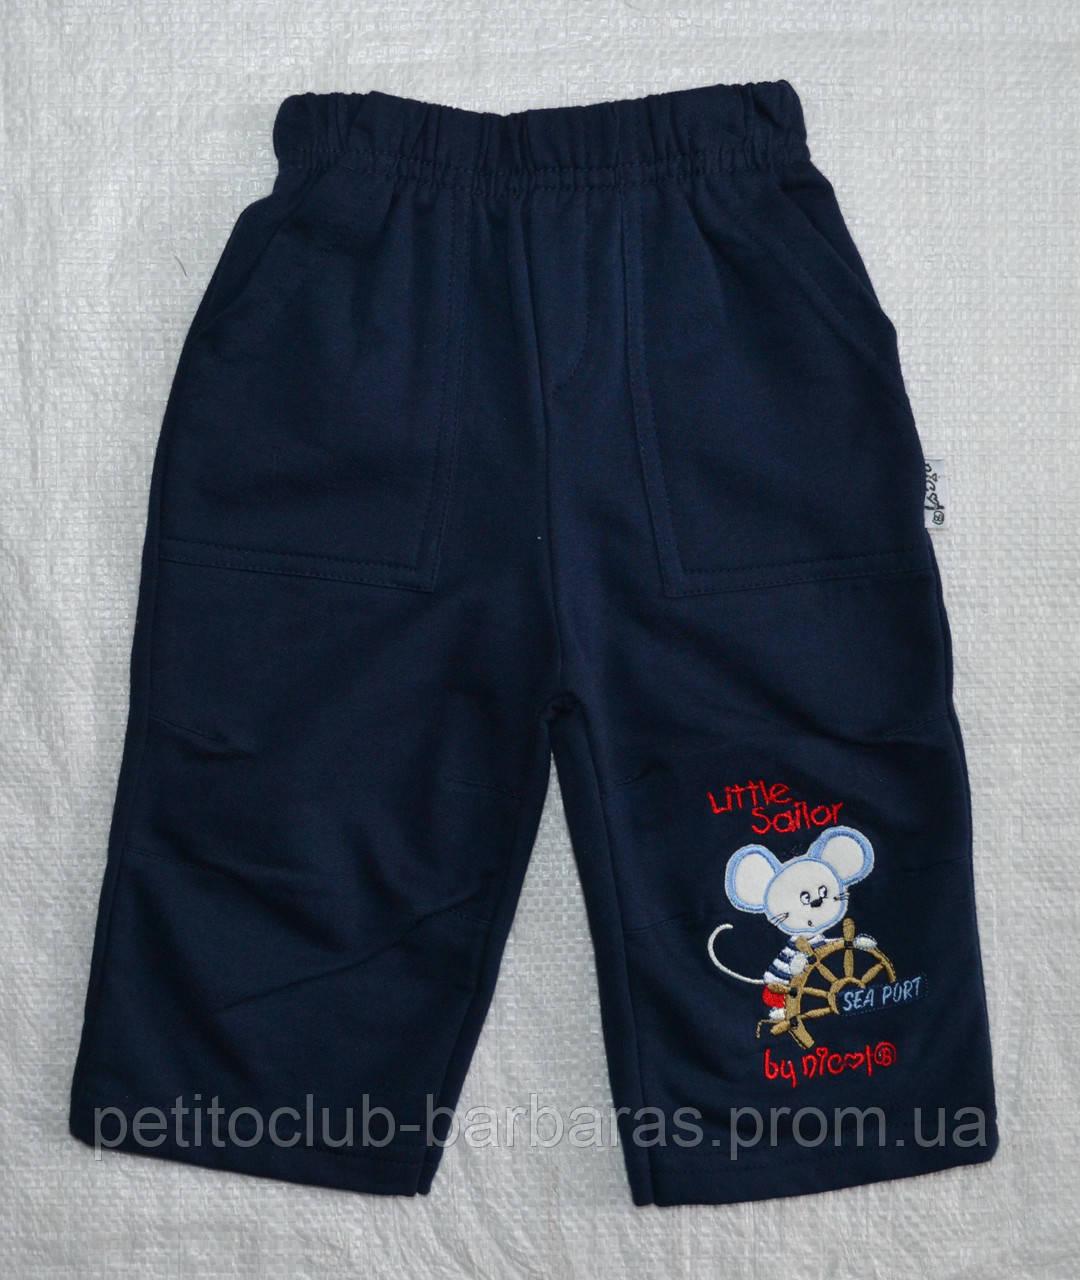 Дитячі трикотажні штани темно-сині Маленький пірат р. 68-92 см (Nicol, Польща)